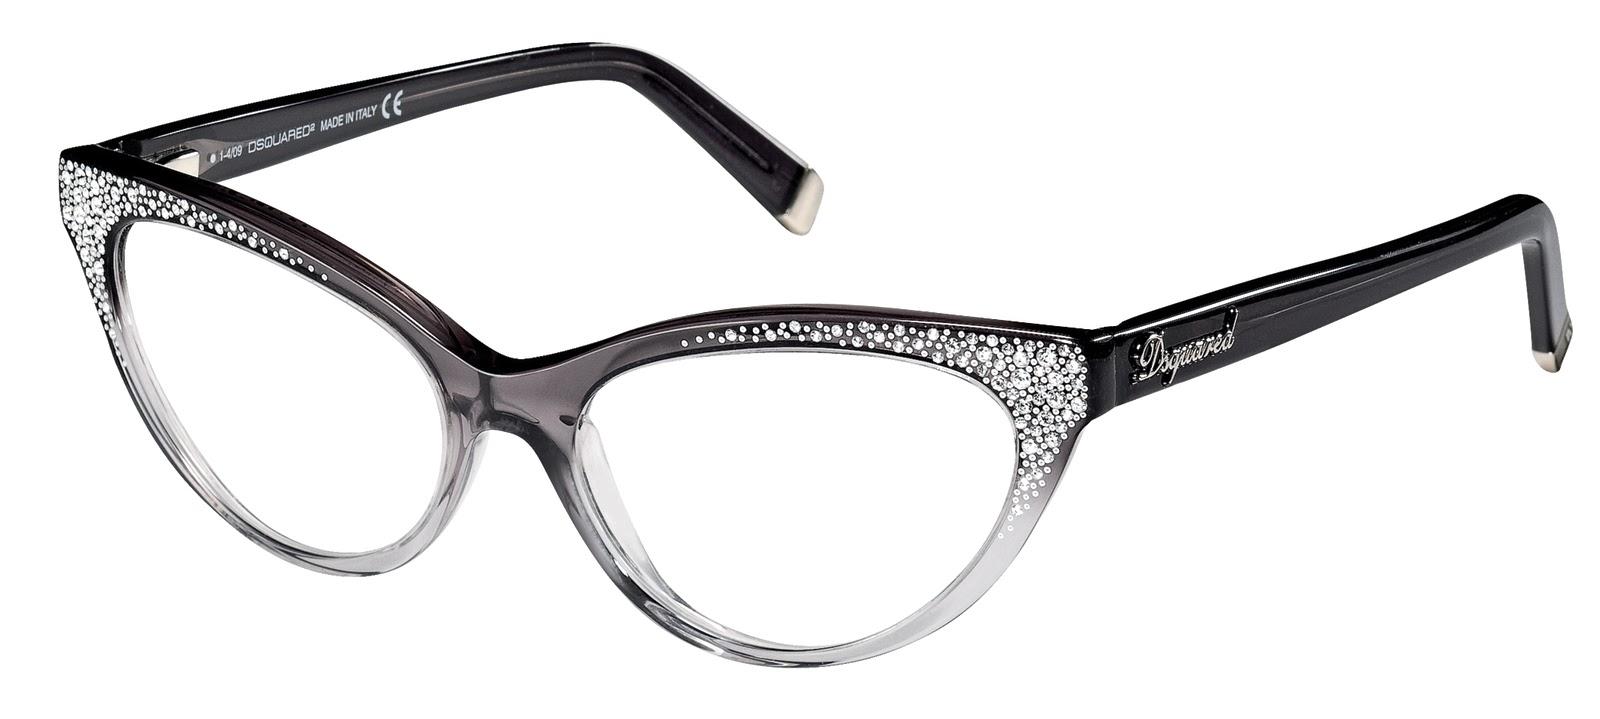 a93808e0a54be Eu uso Óculos  Óculos dos Famosos - Katy Perry